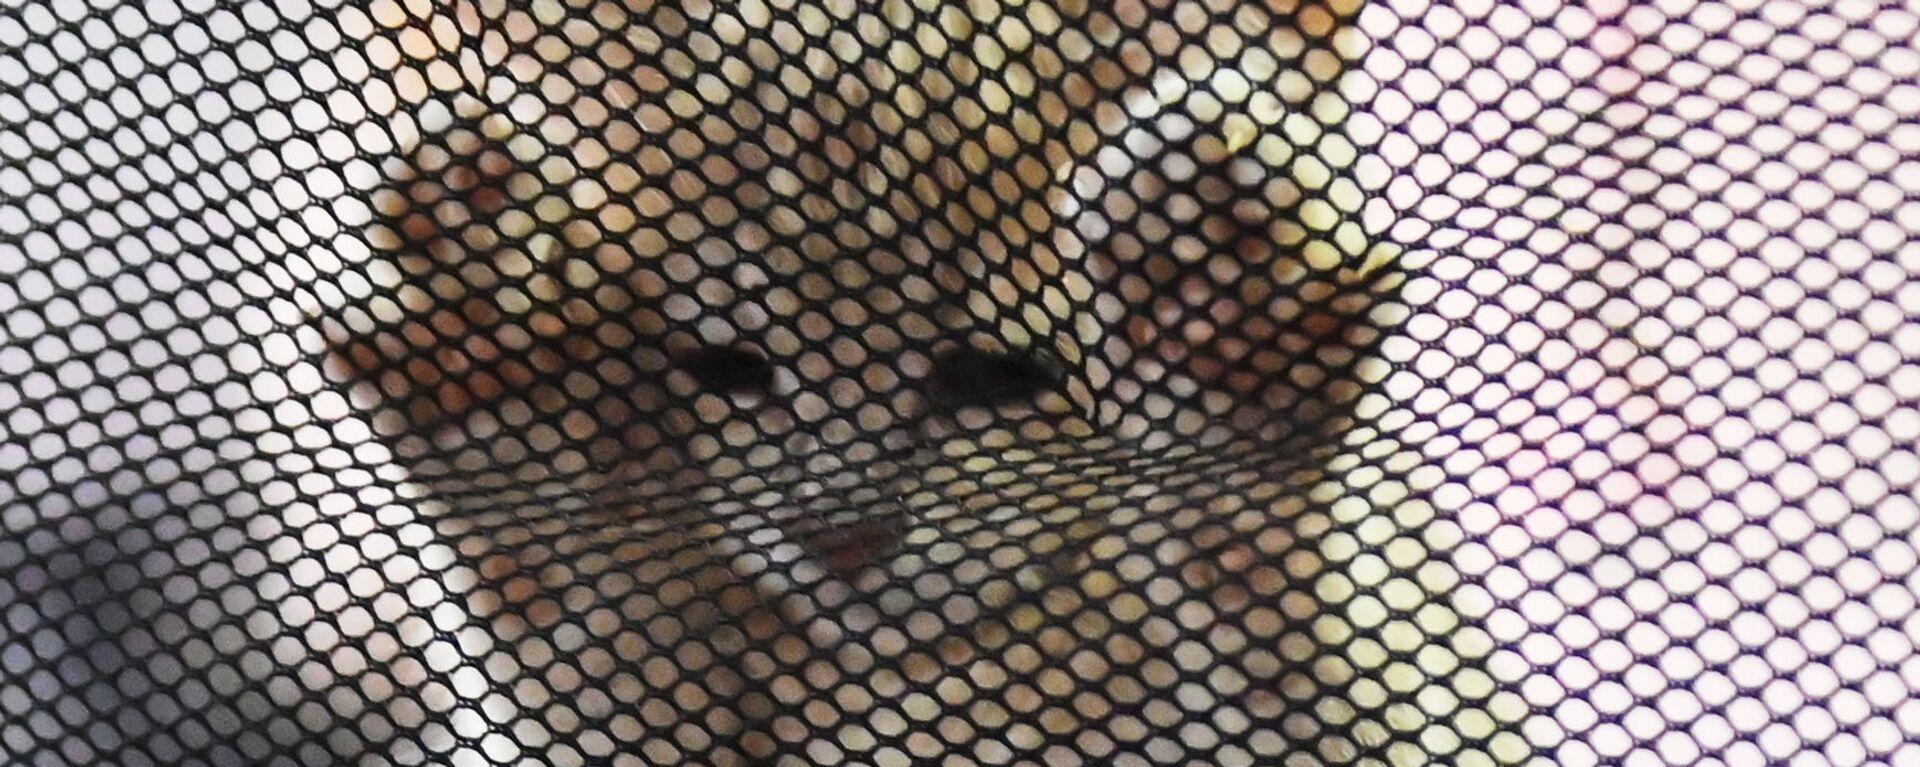 Котенок в переноске  - Sputnik Узбекистан, 1920, 27.11.2020